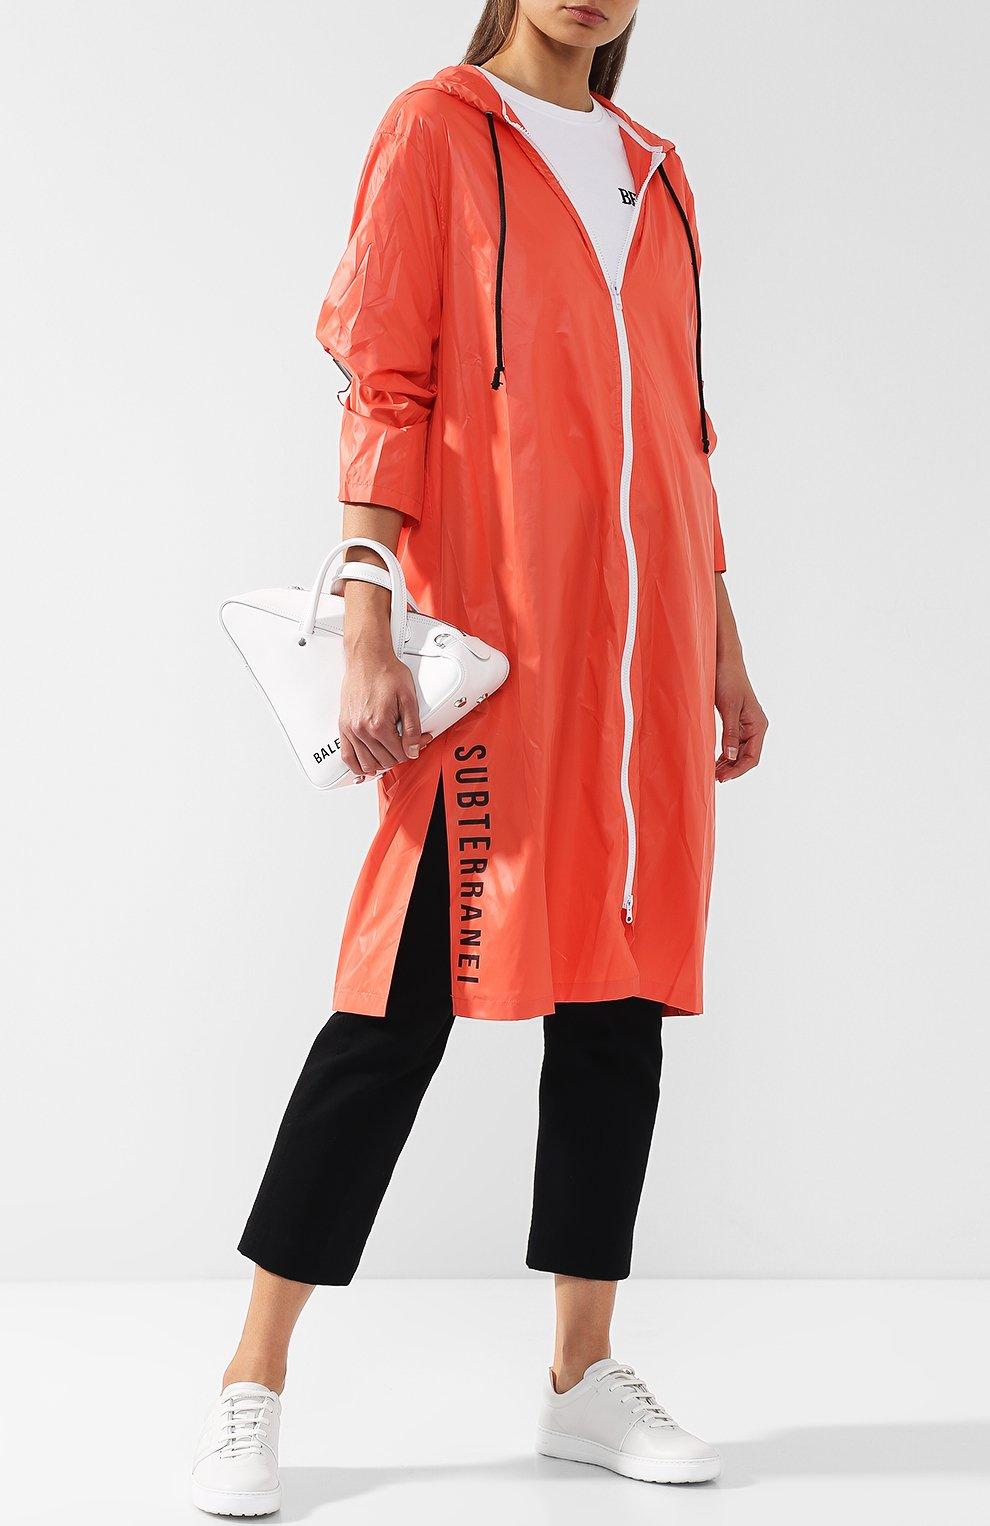 Пальто с капюшоном и полупрозрачной вставкой на спине Subterranei красного цвета | Фото №2